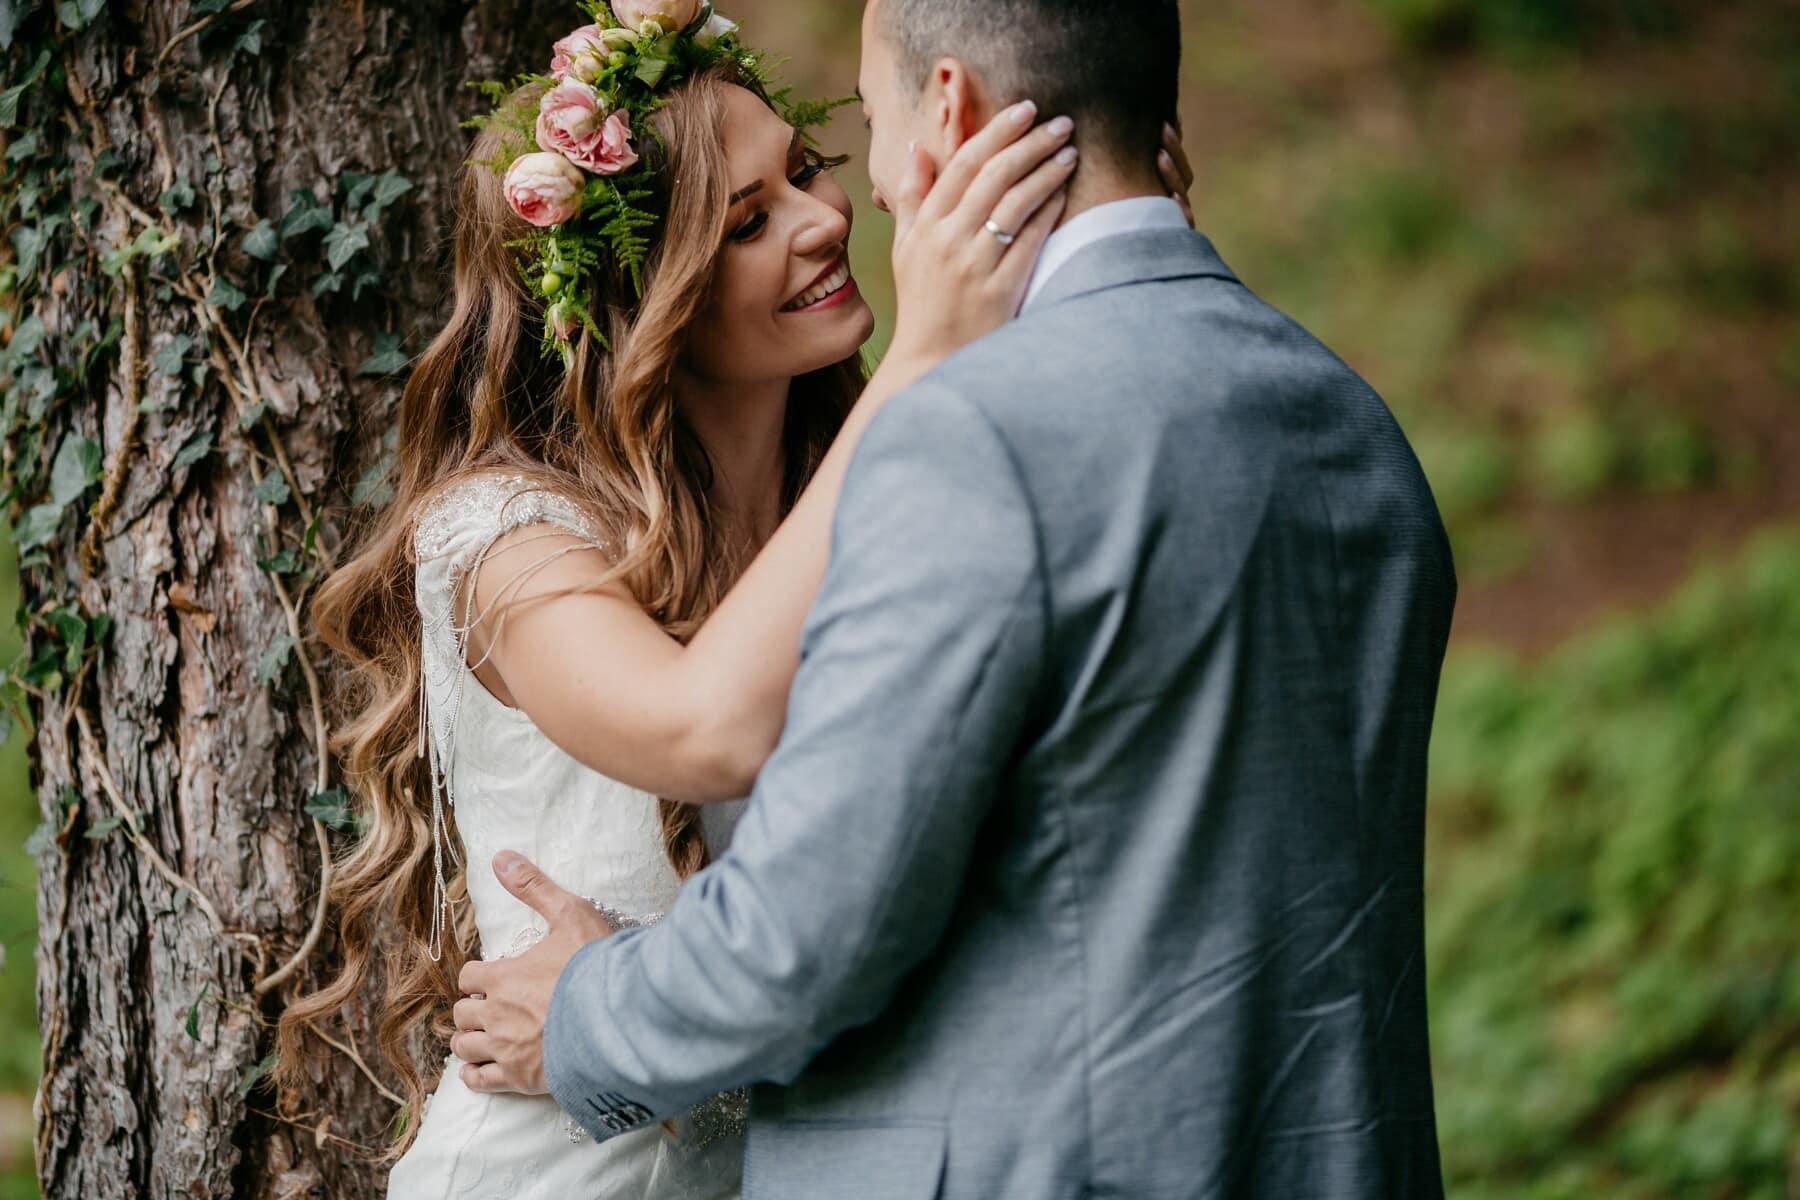 Beau, baiser, Jolie fille, petit ami, affection, amour, tendresse, étreinte, mariage, heureux